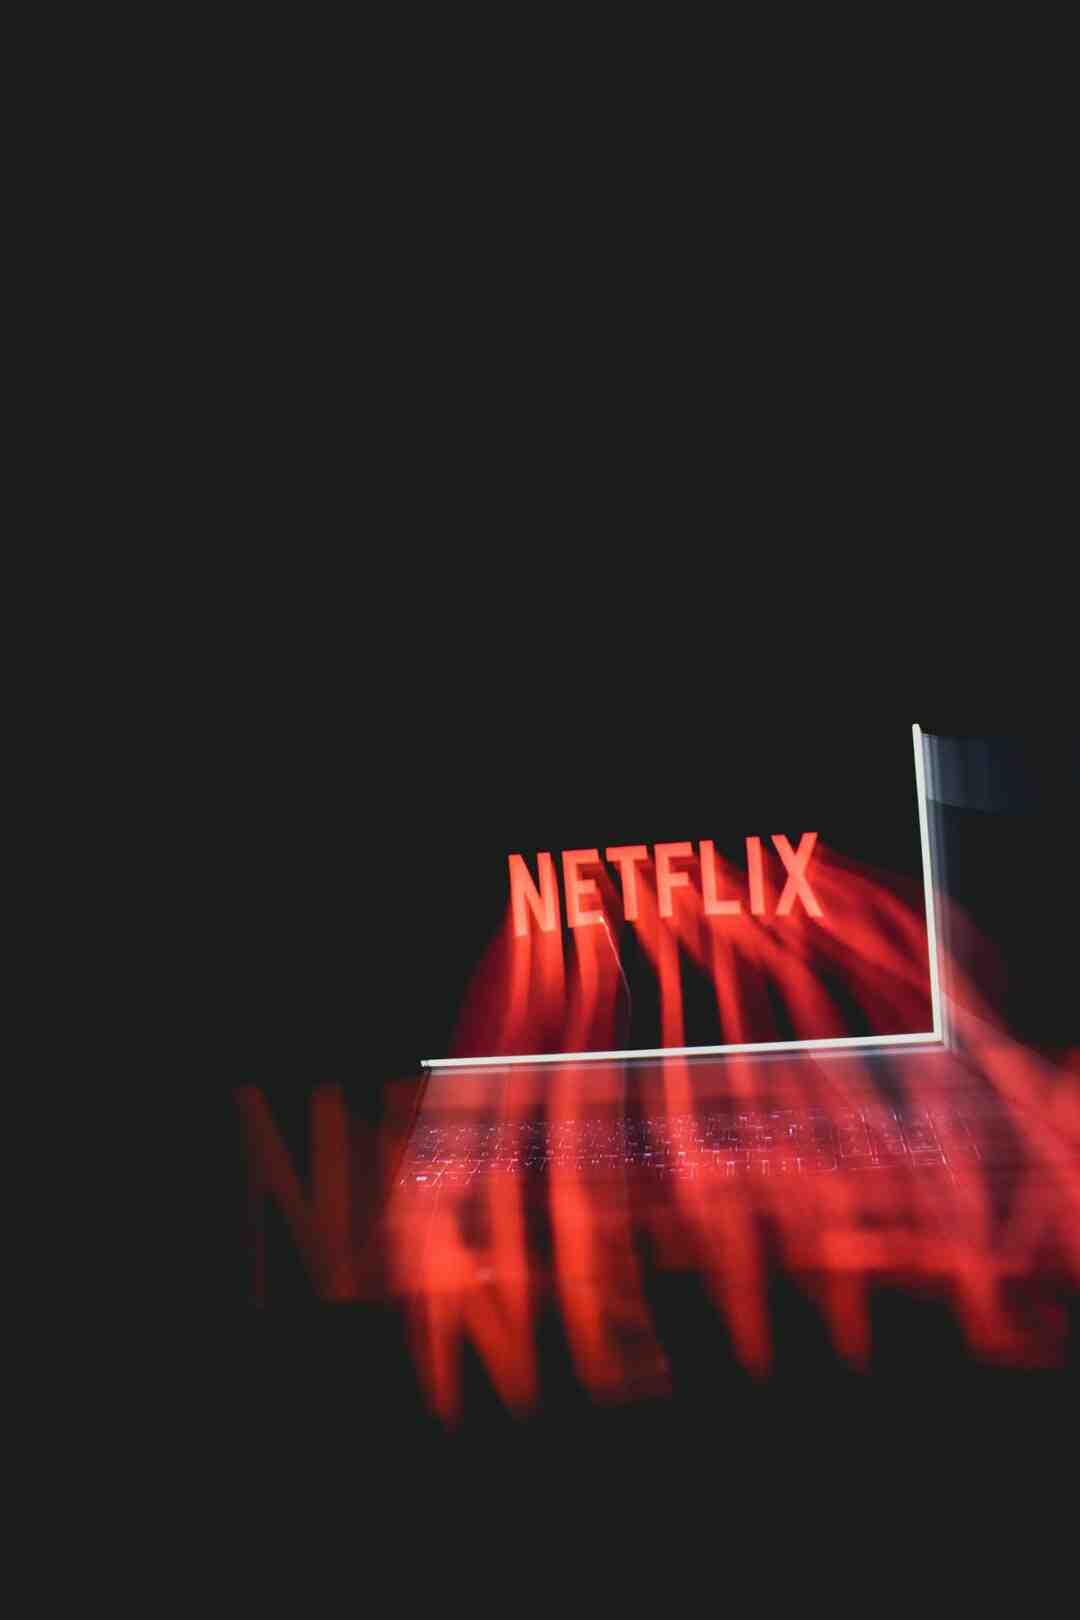 Comment mettre les films en français sur netflix